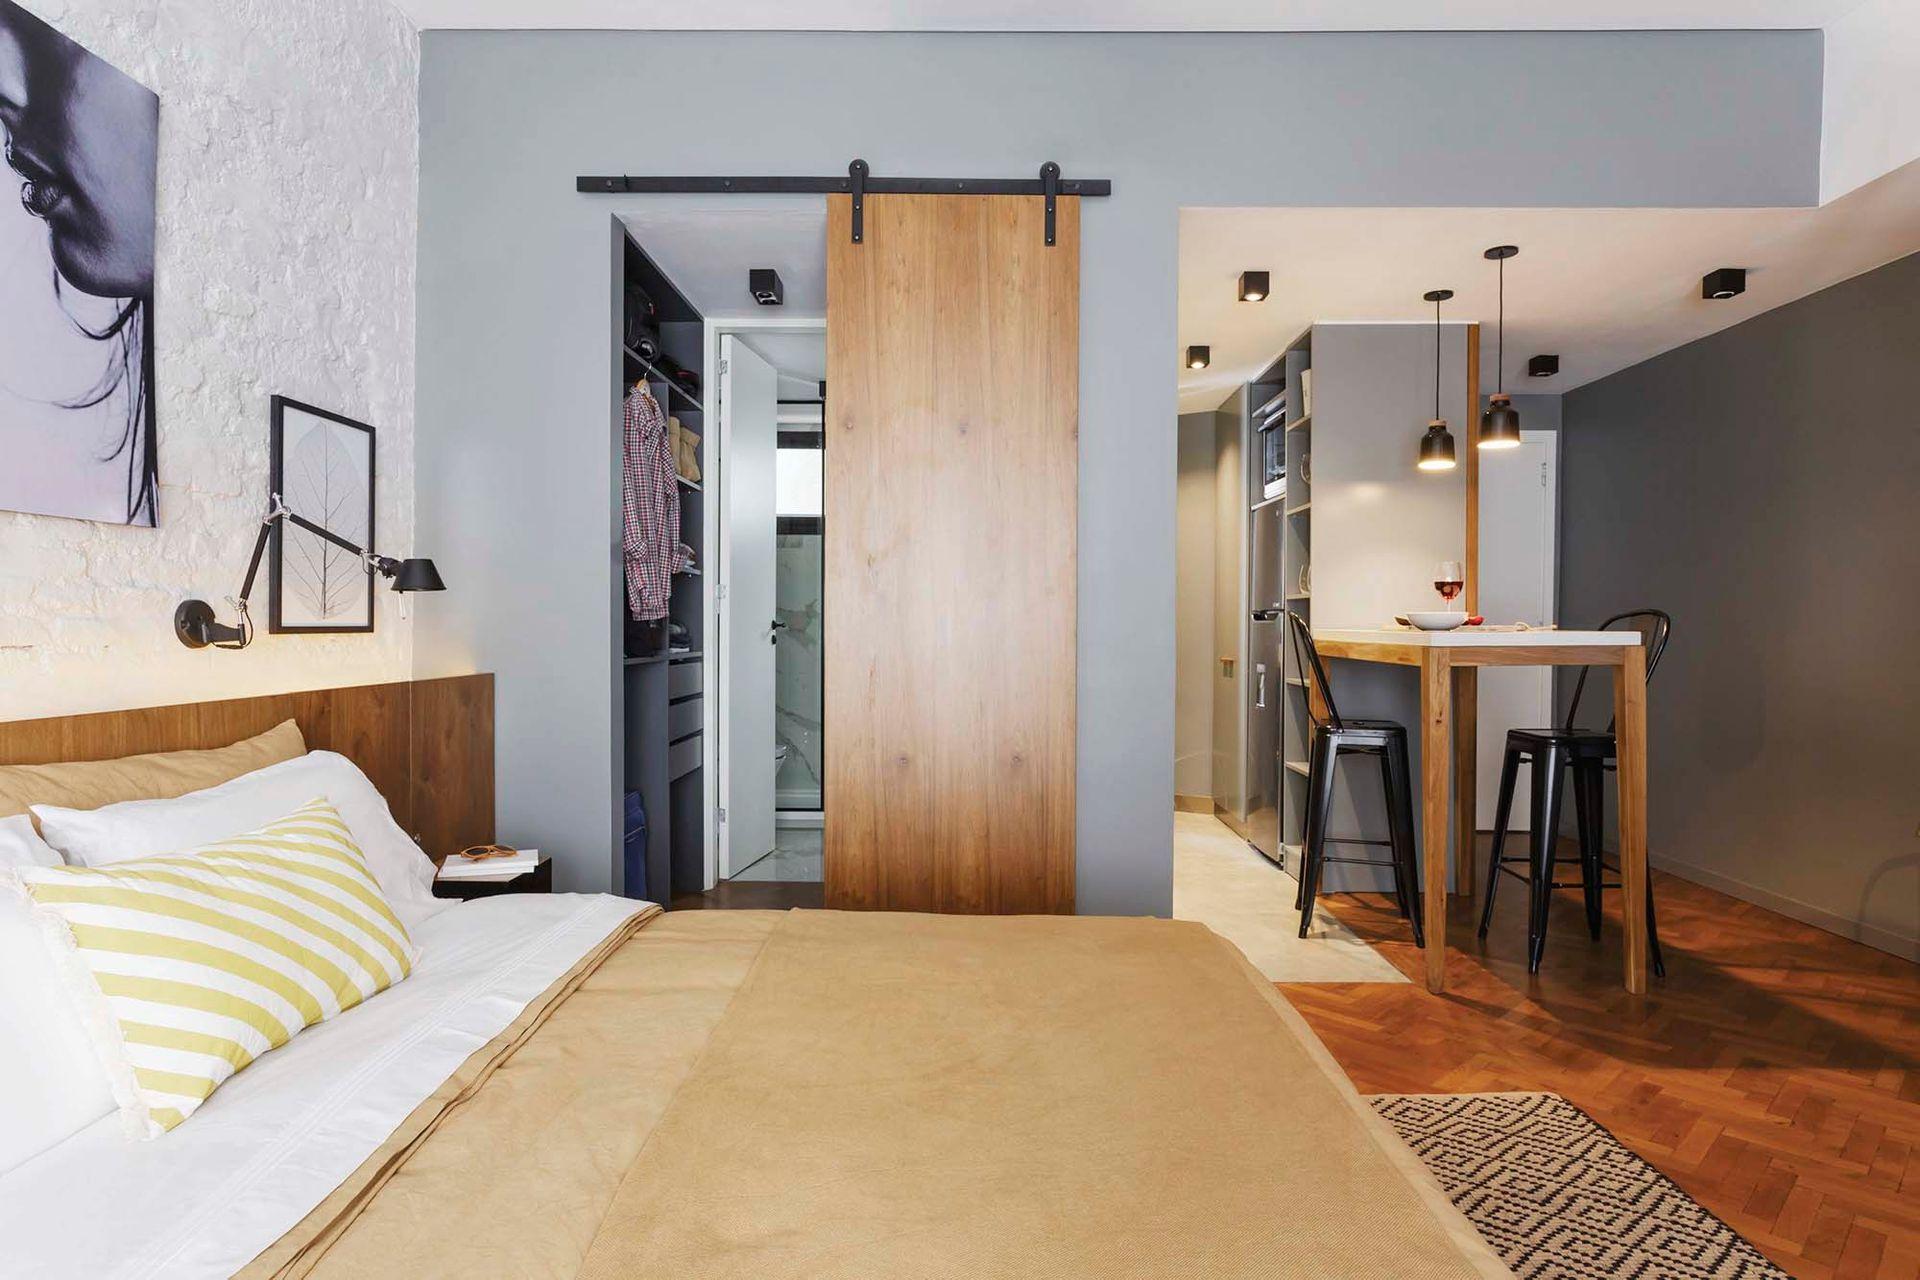 En lugar de puerta tradicional, el baño hoy tiene una galponera sobre rieles.